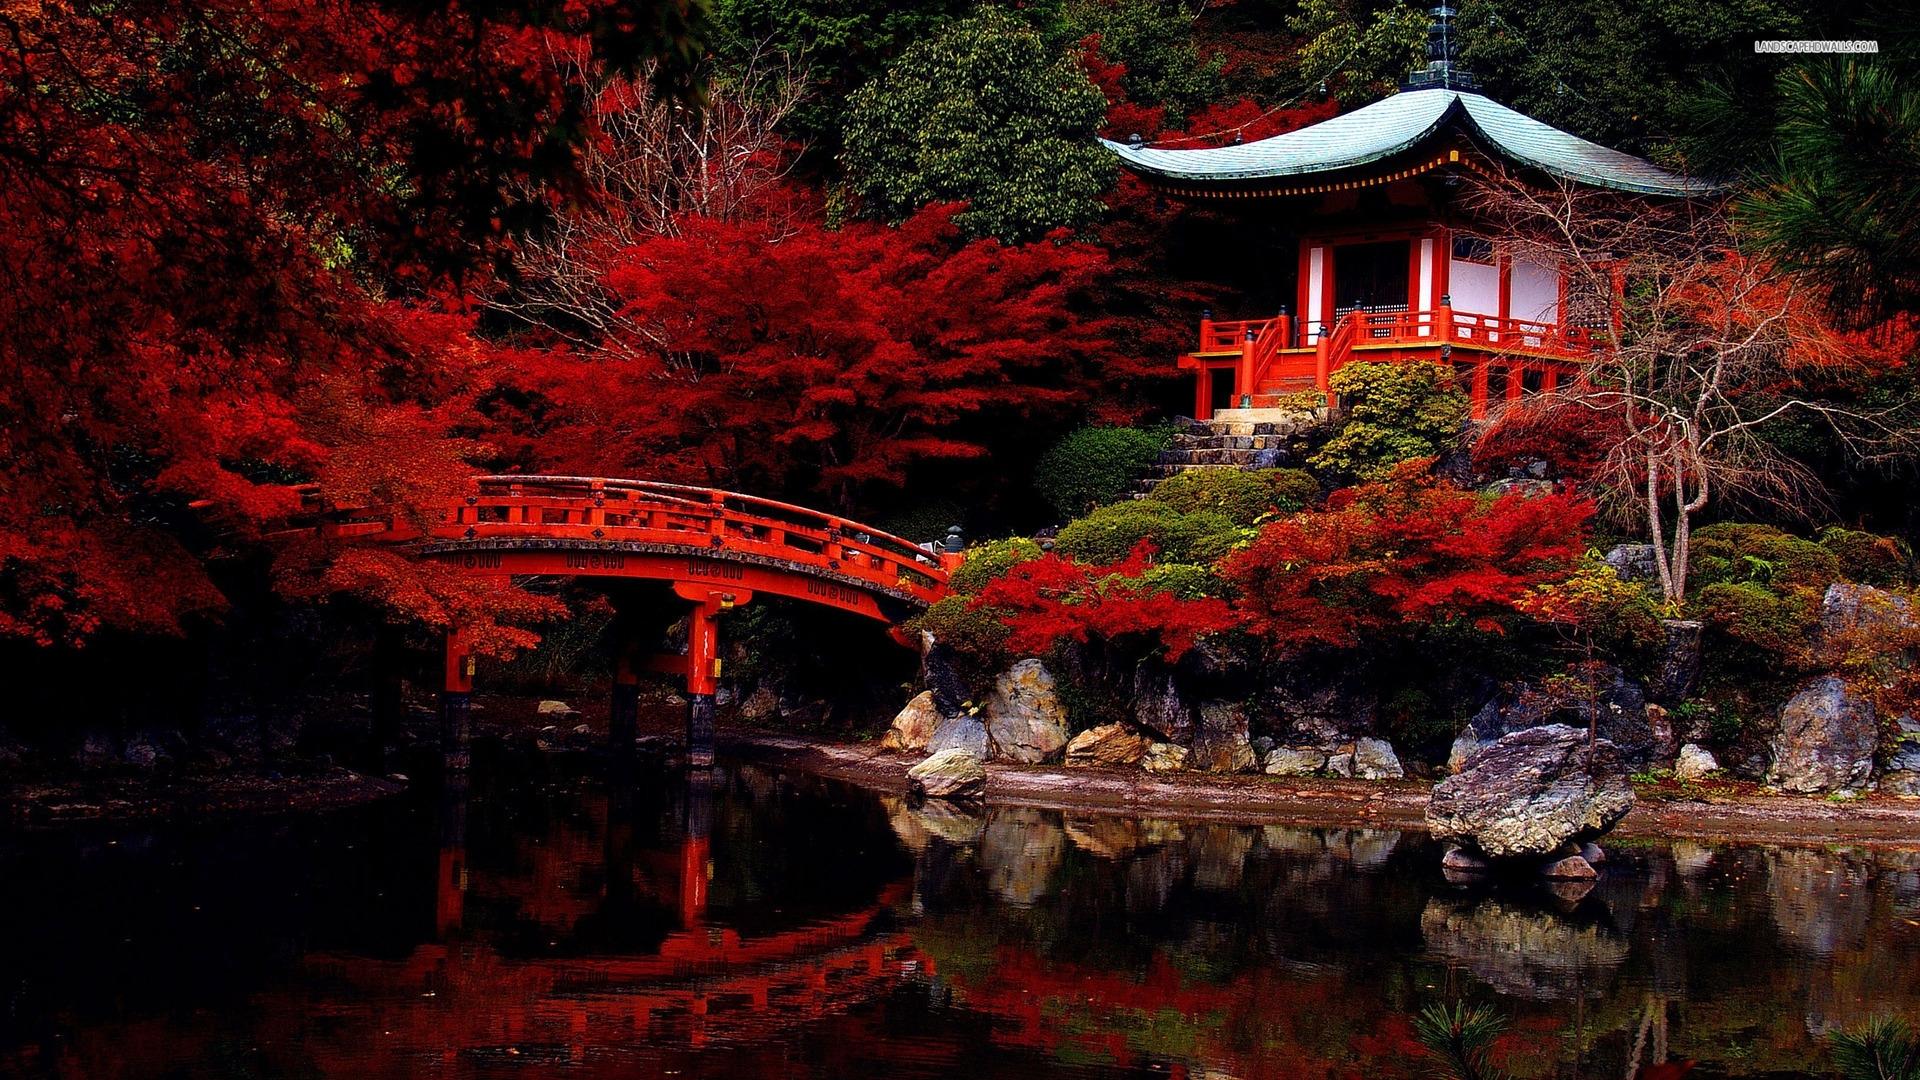 japan desktop wallpaper 04367 - baltana